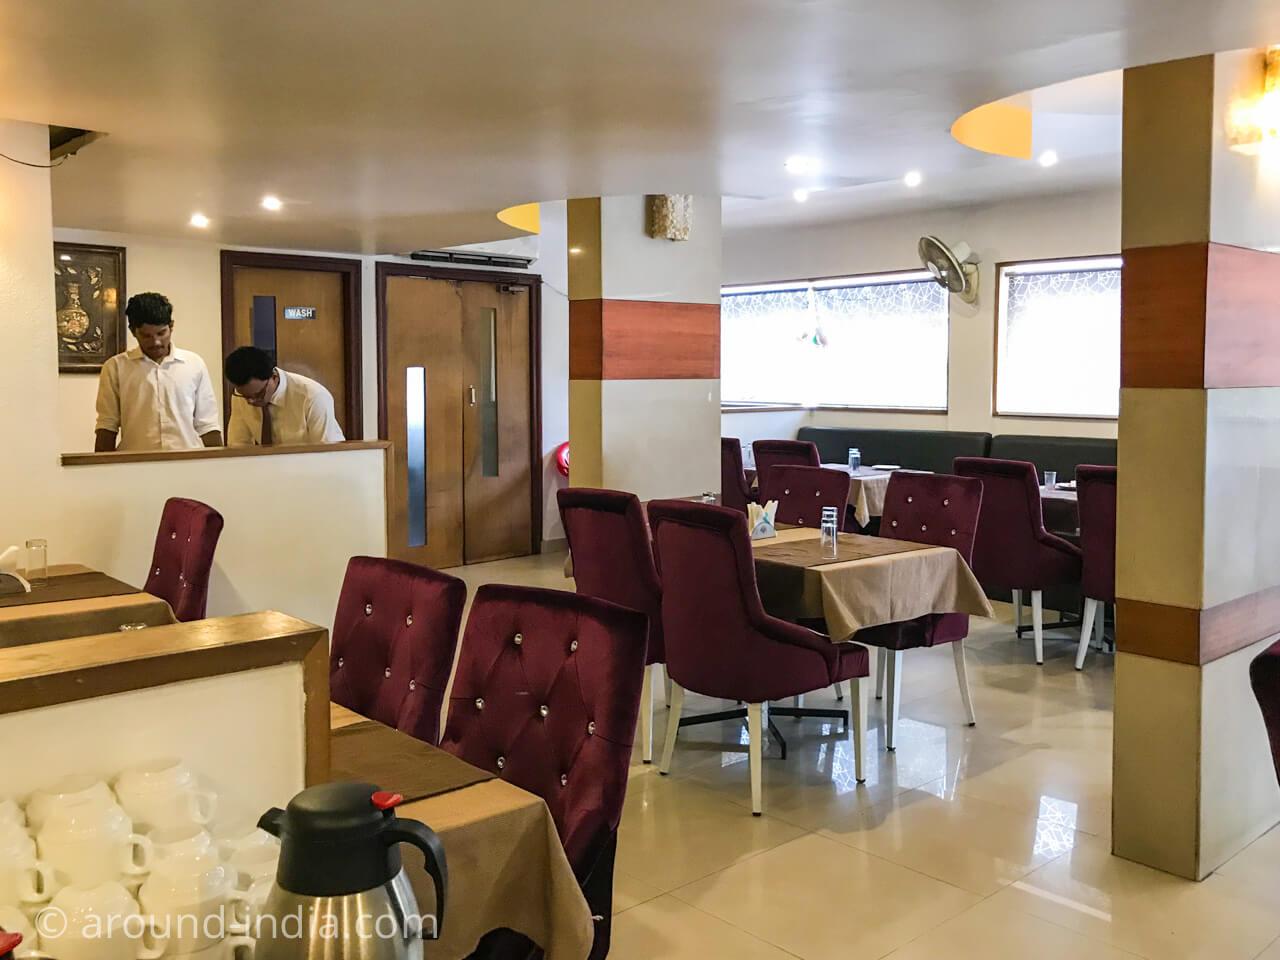 カヌールのホテルGreen park residencyのレストラン